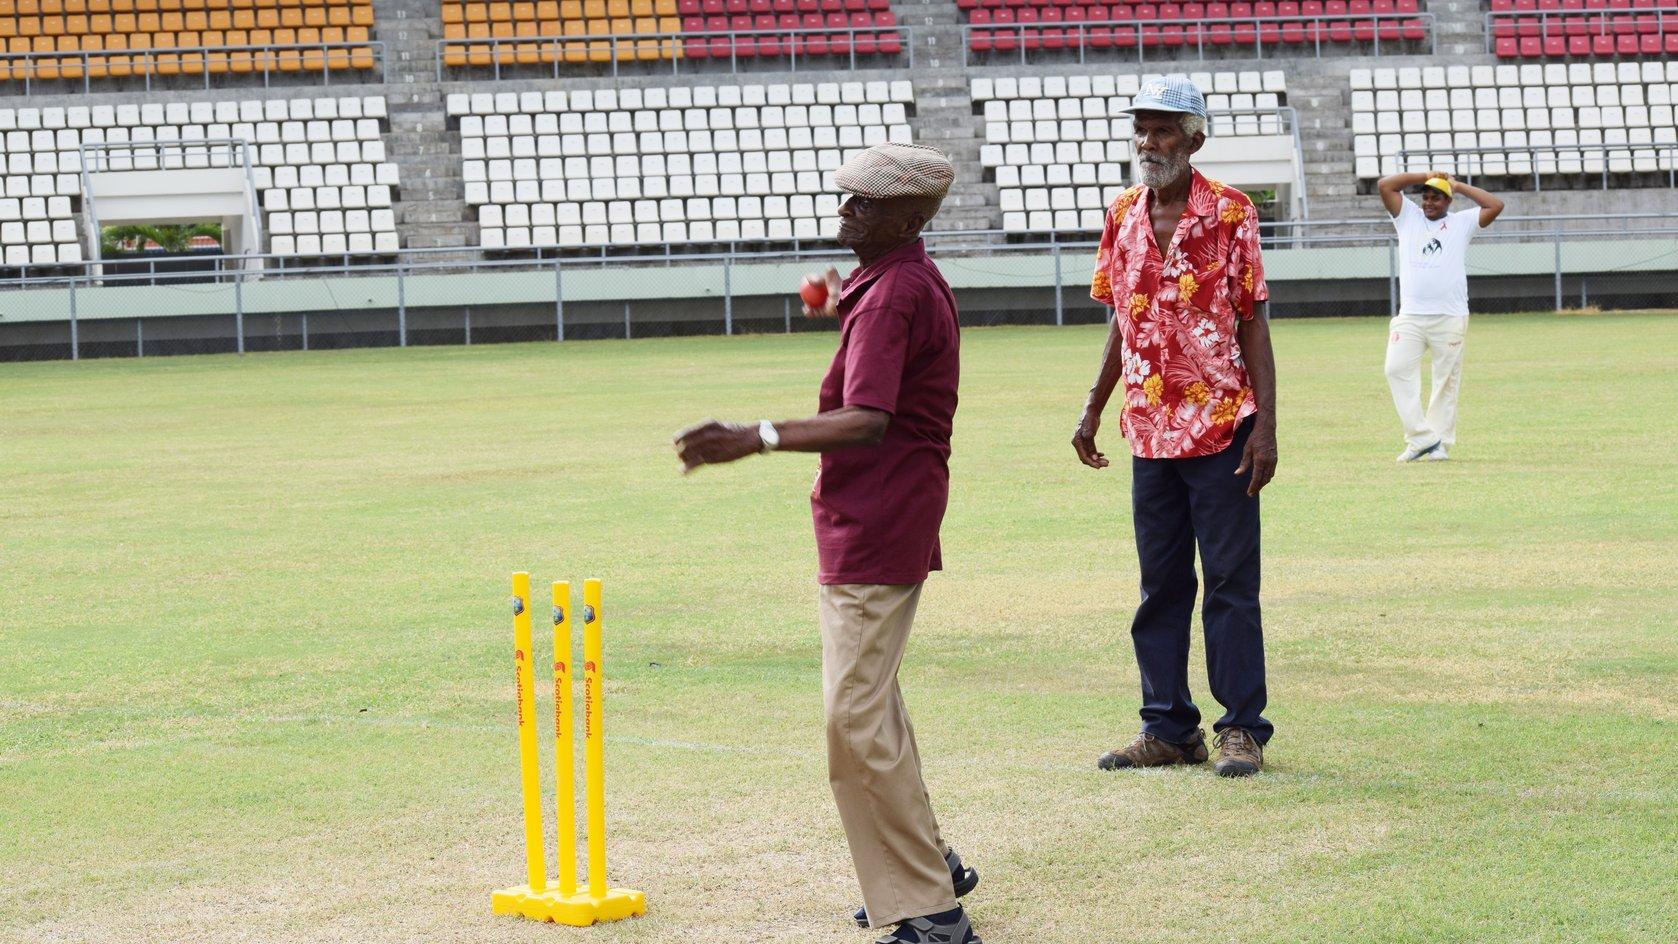 Centenarian Popeye bowls first ball in cricket match